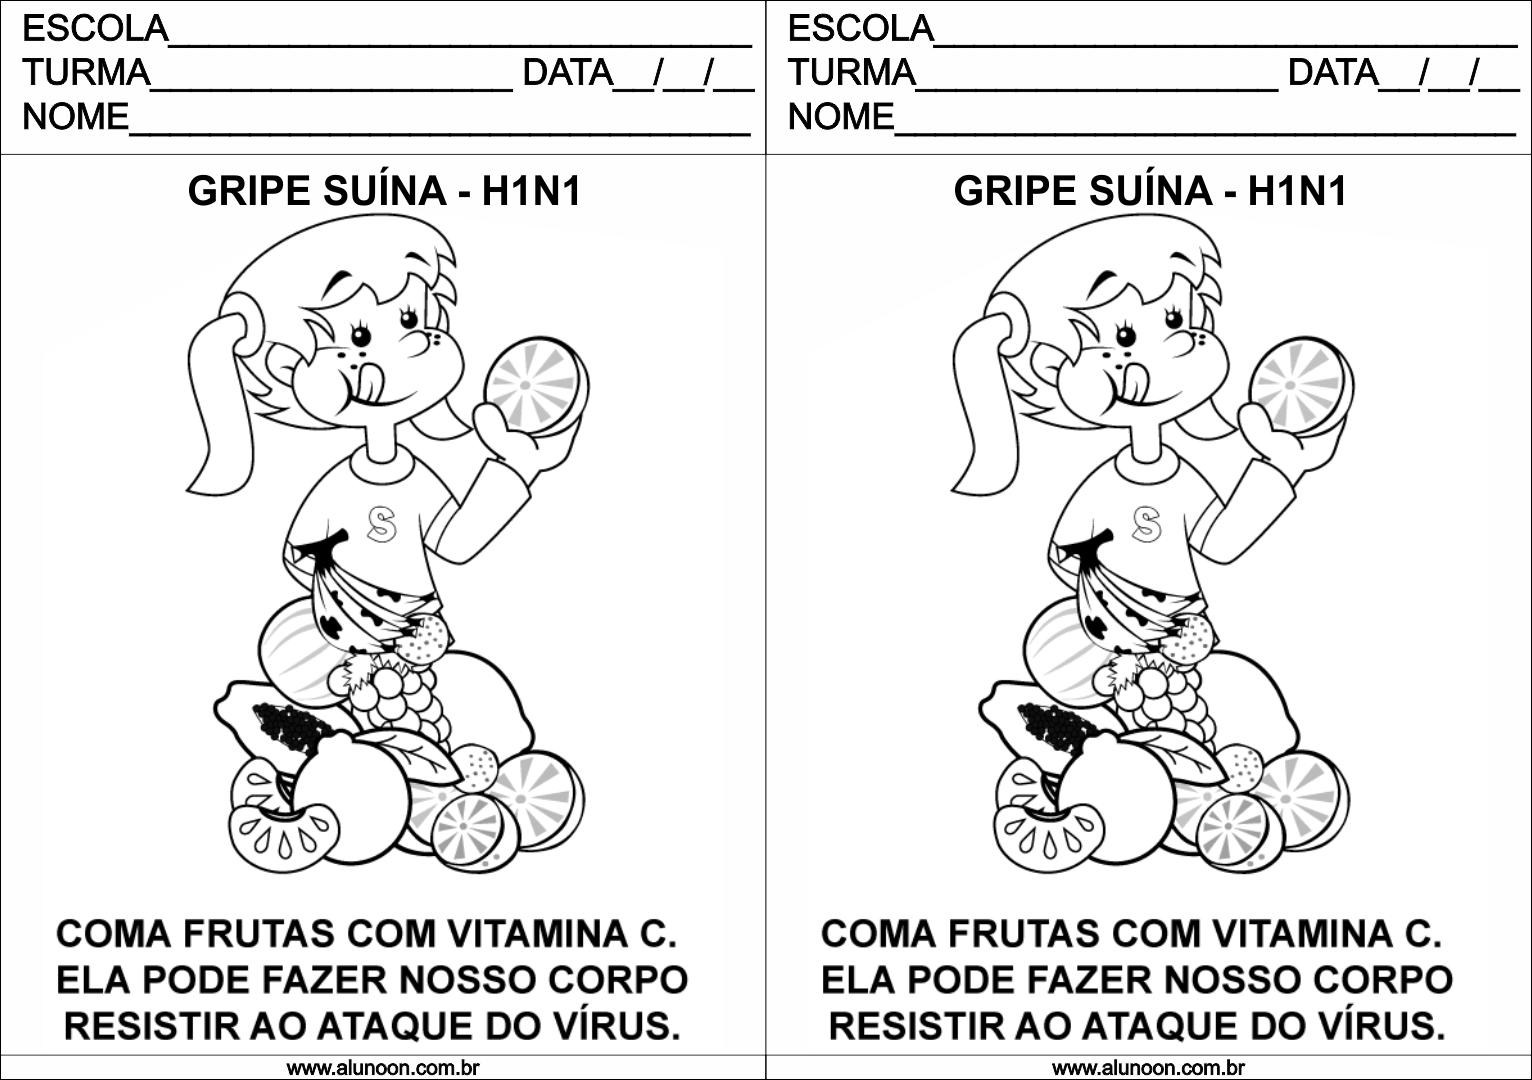 Extremamente Desenho sobre a Gripe Suína para Educação Infantil - Aluno On EI23